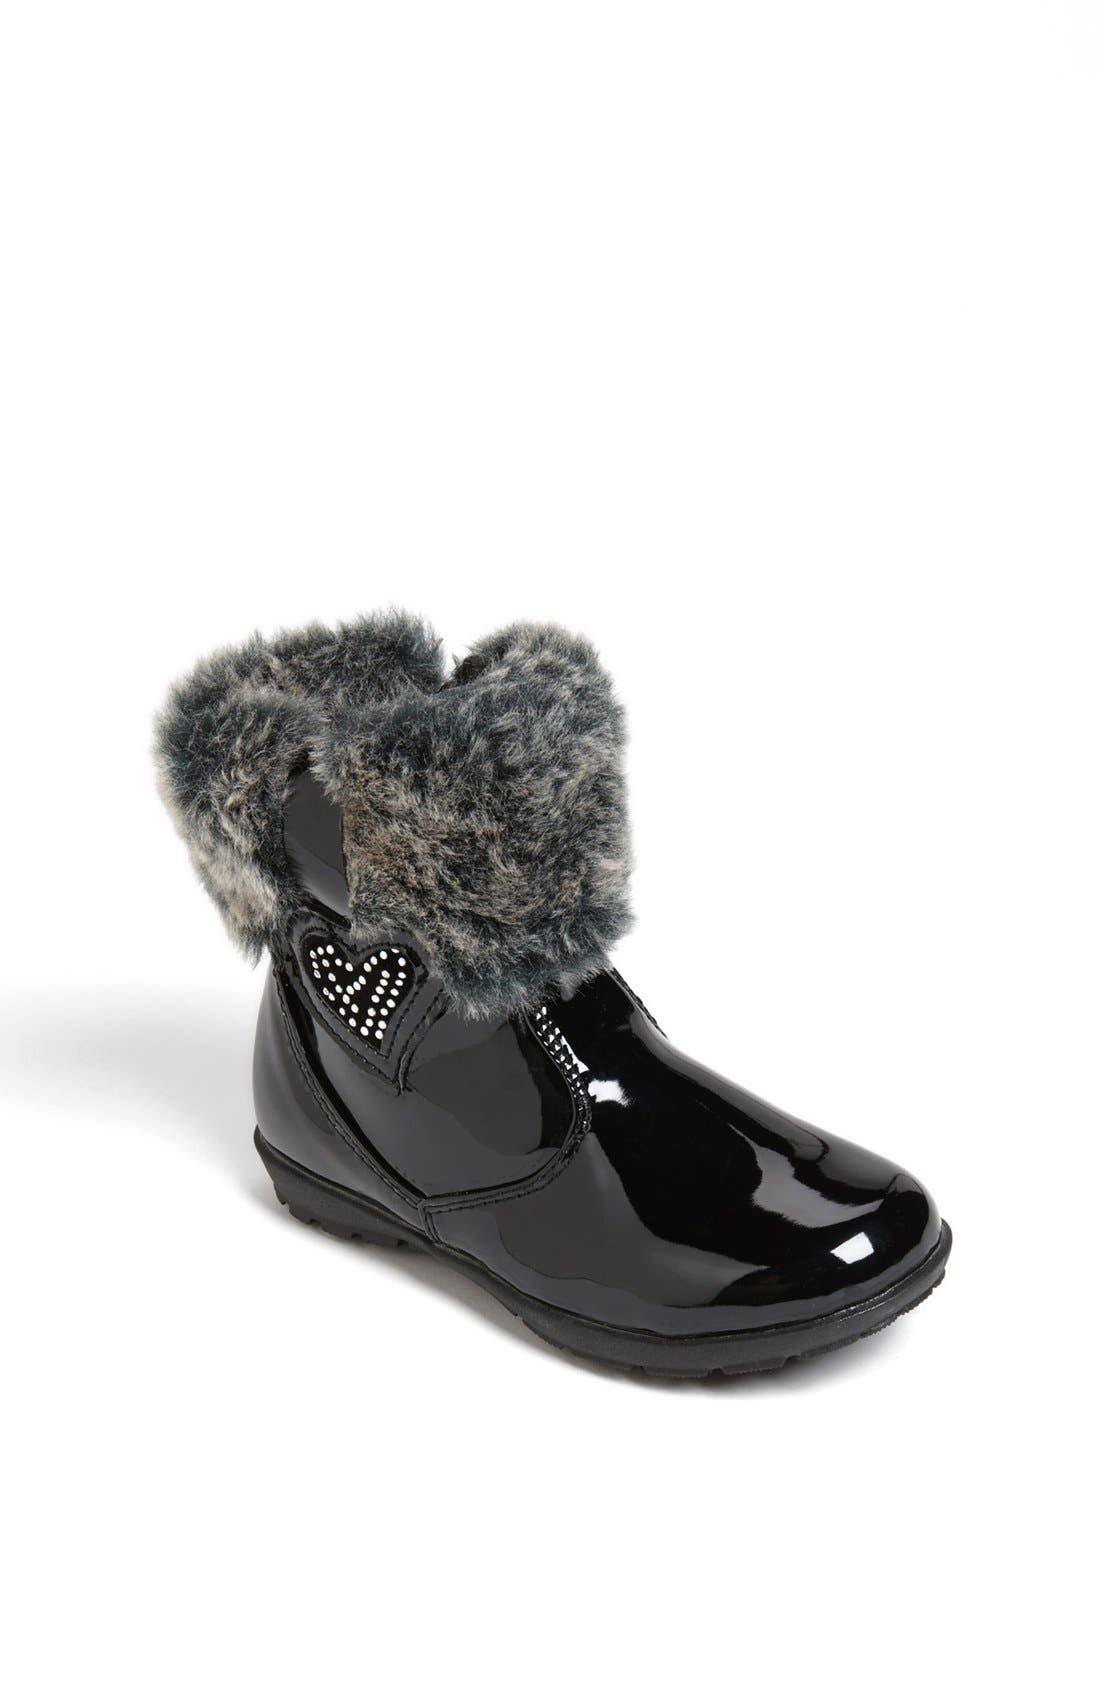 Main Image - kensie girl Faux Fur Trim Boot (Walker & Toddler)